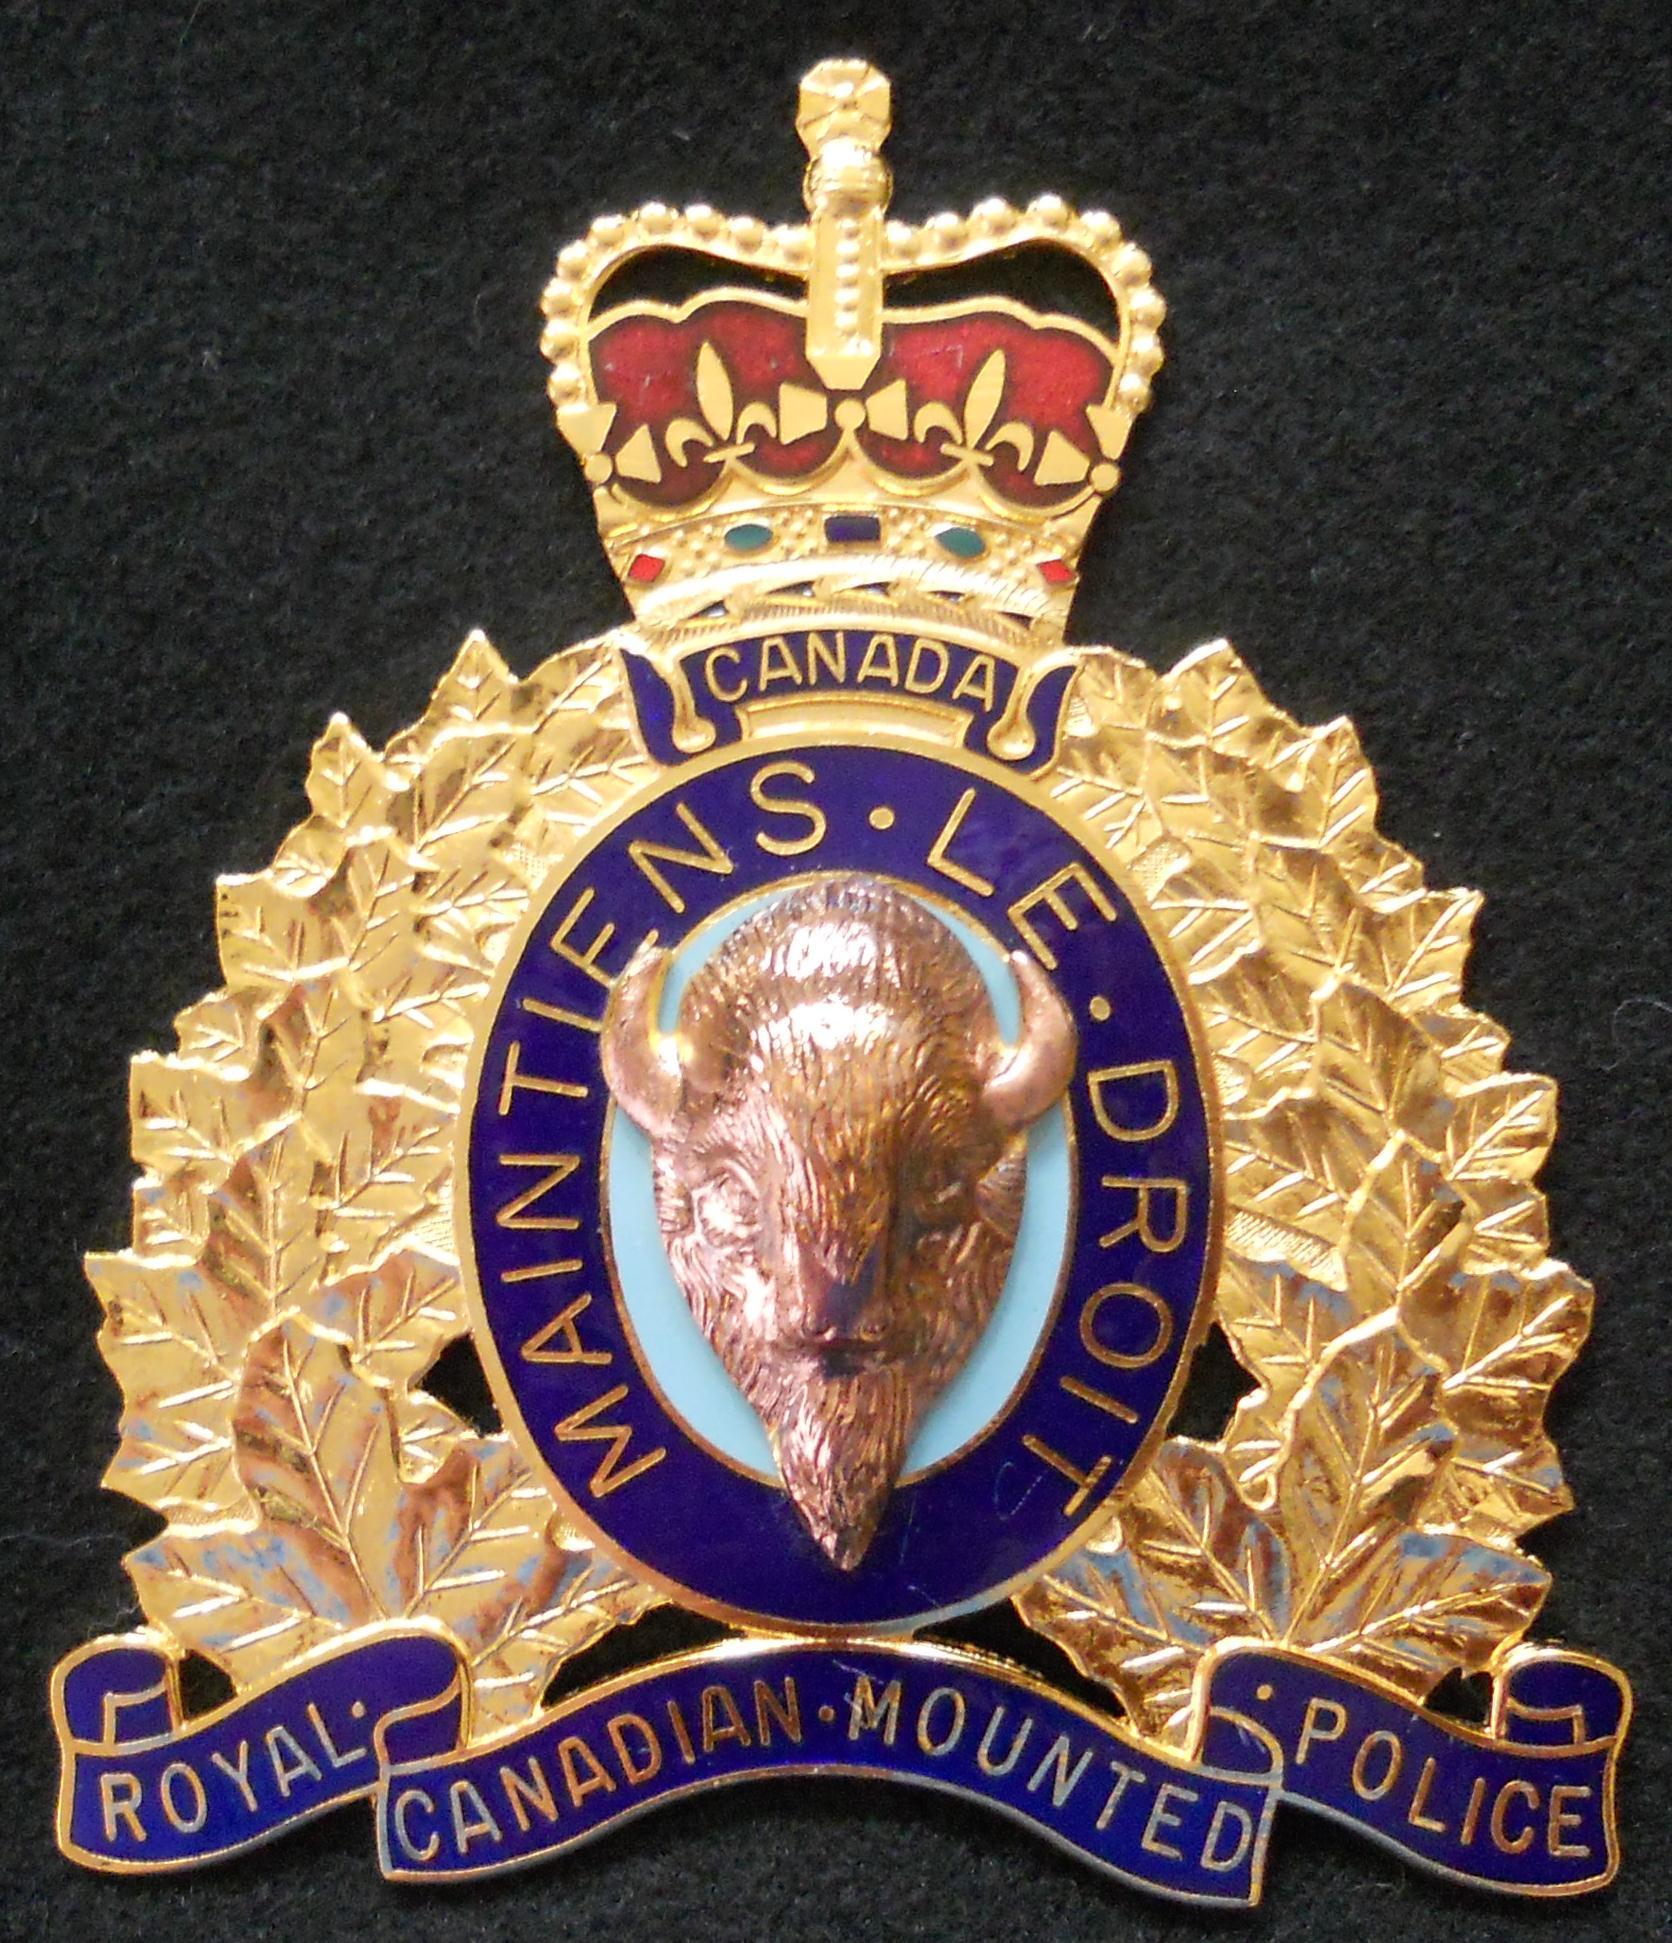 RCMP insignia